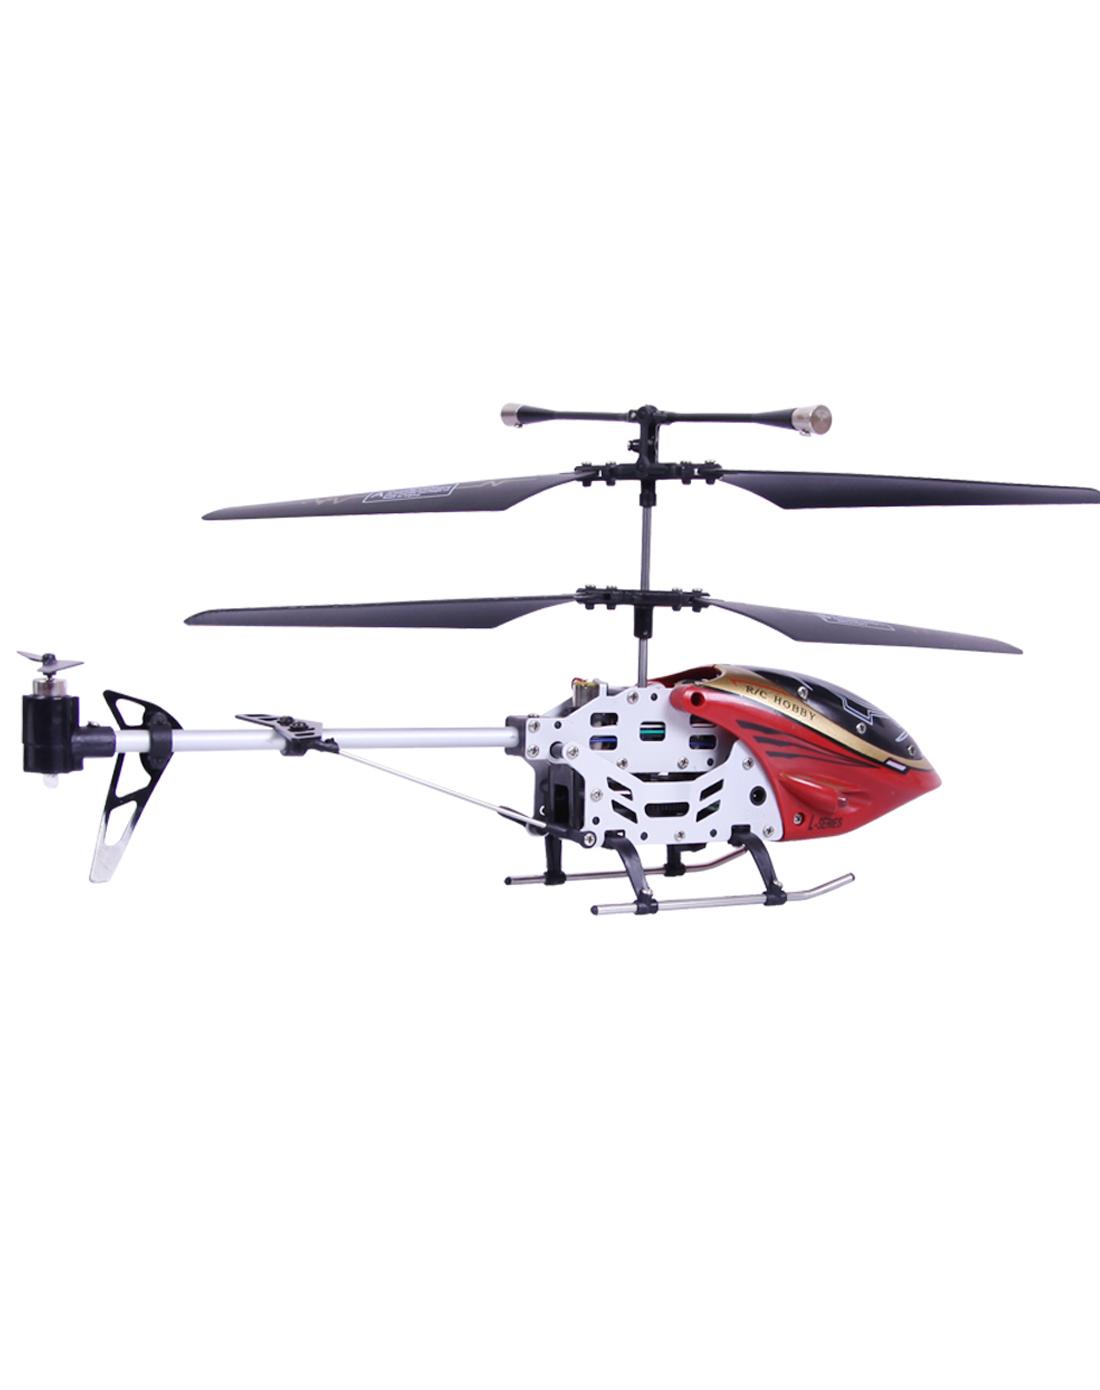 钢铁侠遥控飞机 直升机 三通带陀螺仪